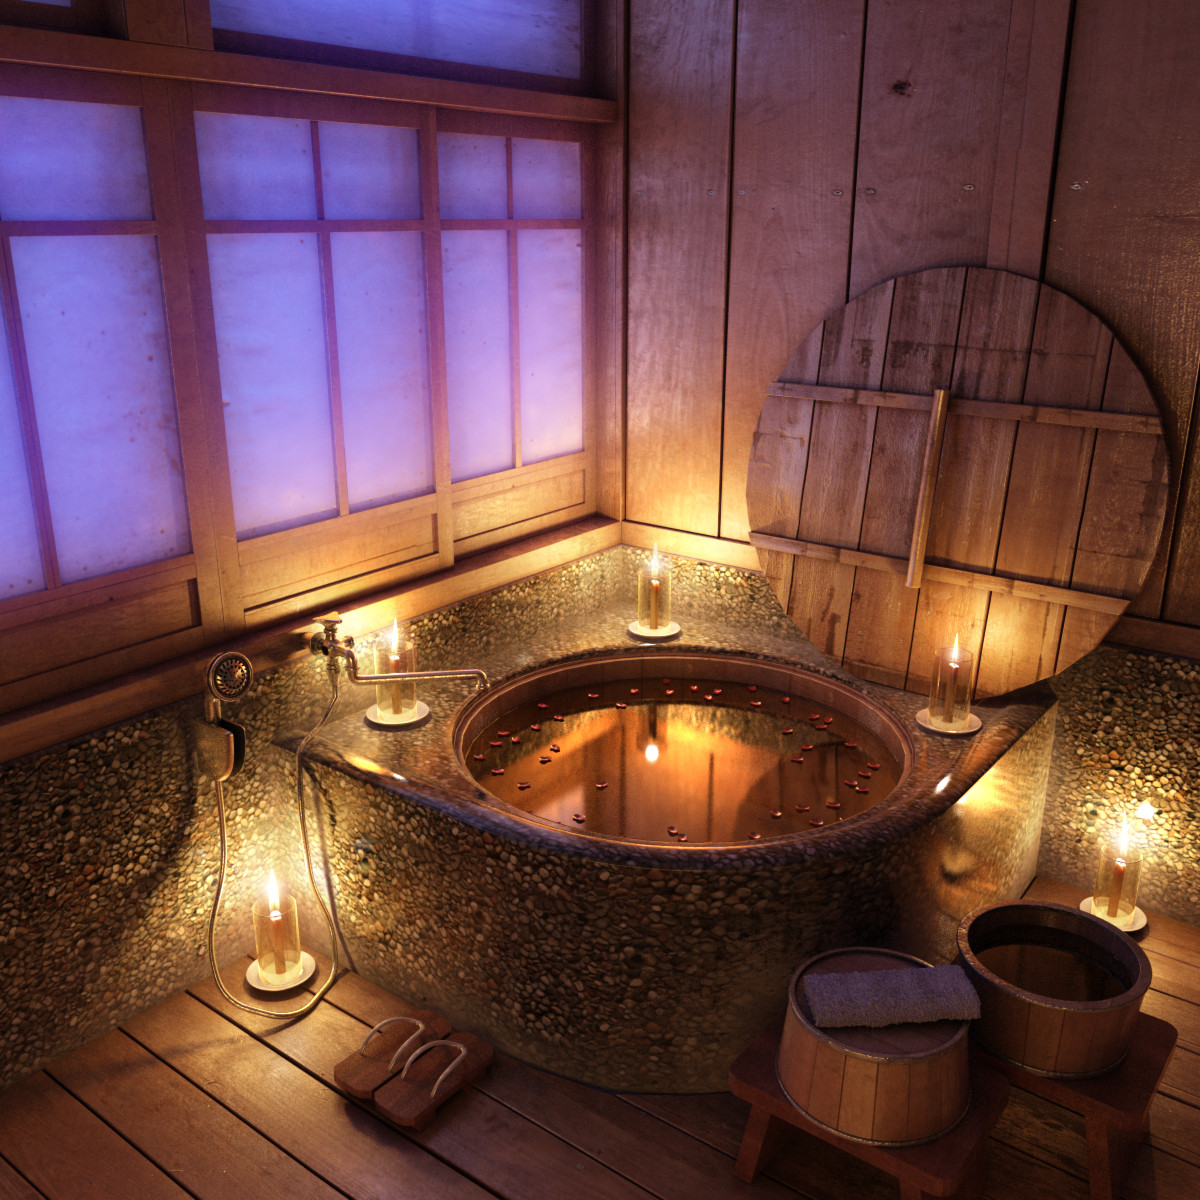 Relaxing Bathroom